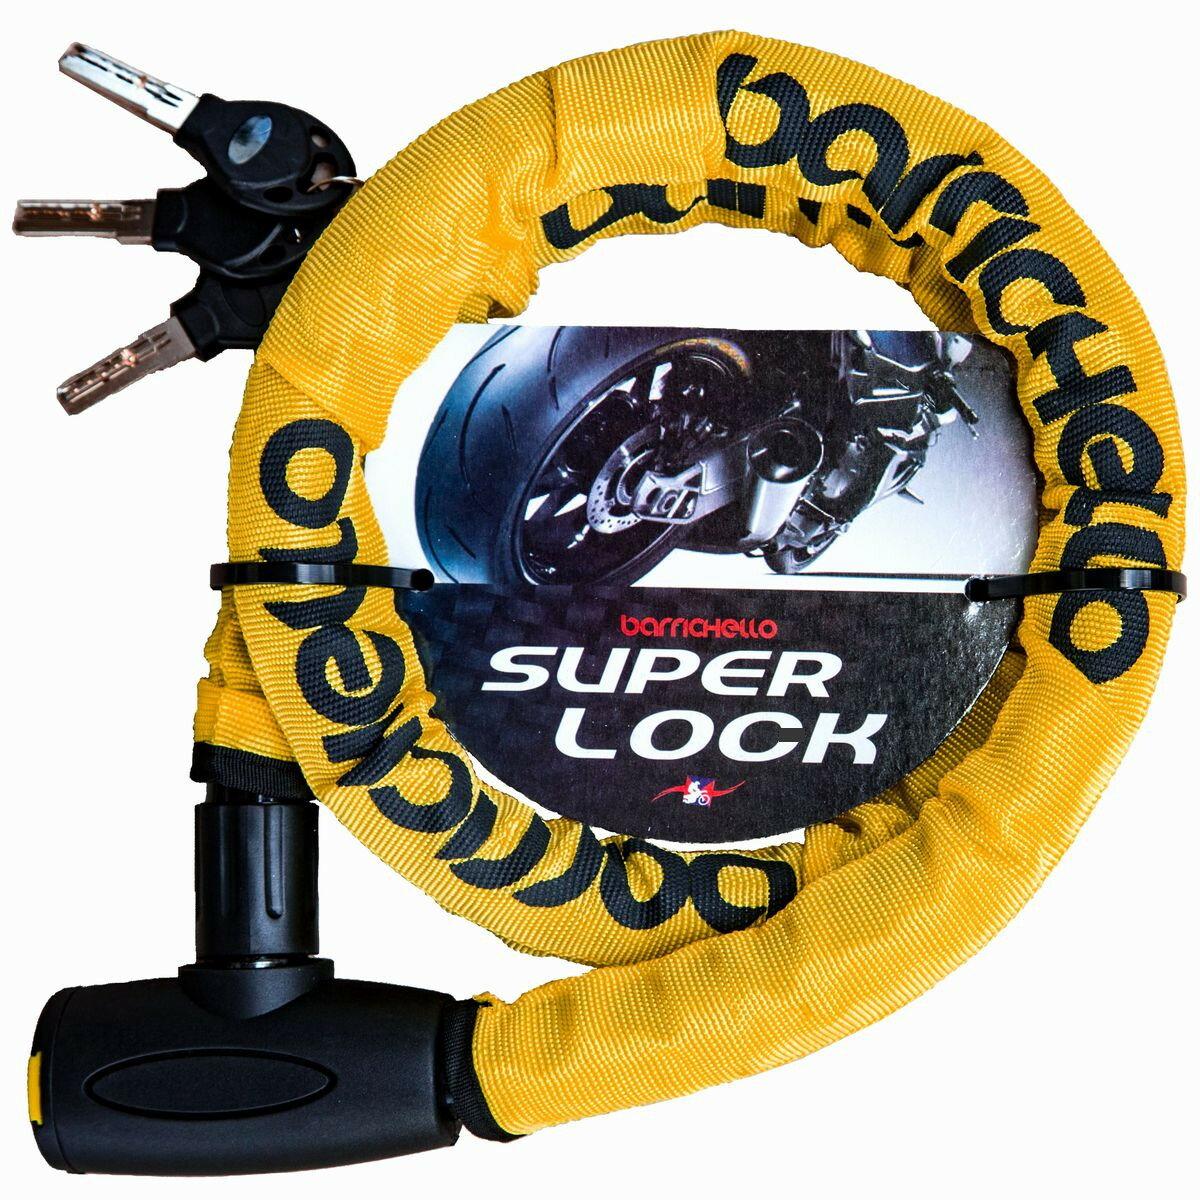 Barrichello(バリチェロ)スーパーロック φ(直径)22mm×1200mm ワイヤーロック 盗難防止 軽量タイプ 保証付き